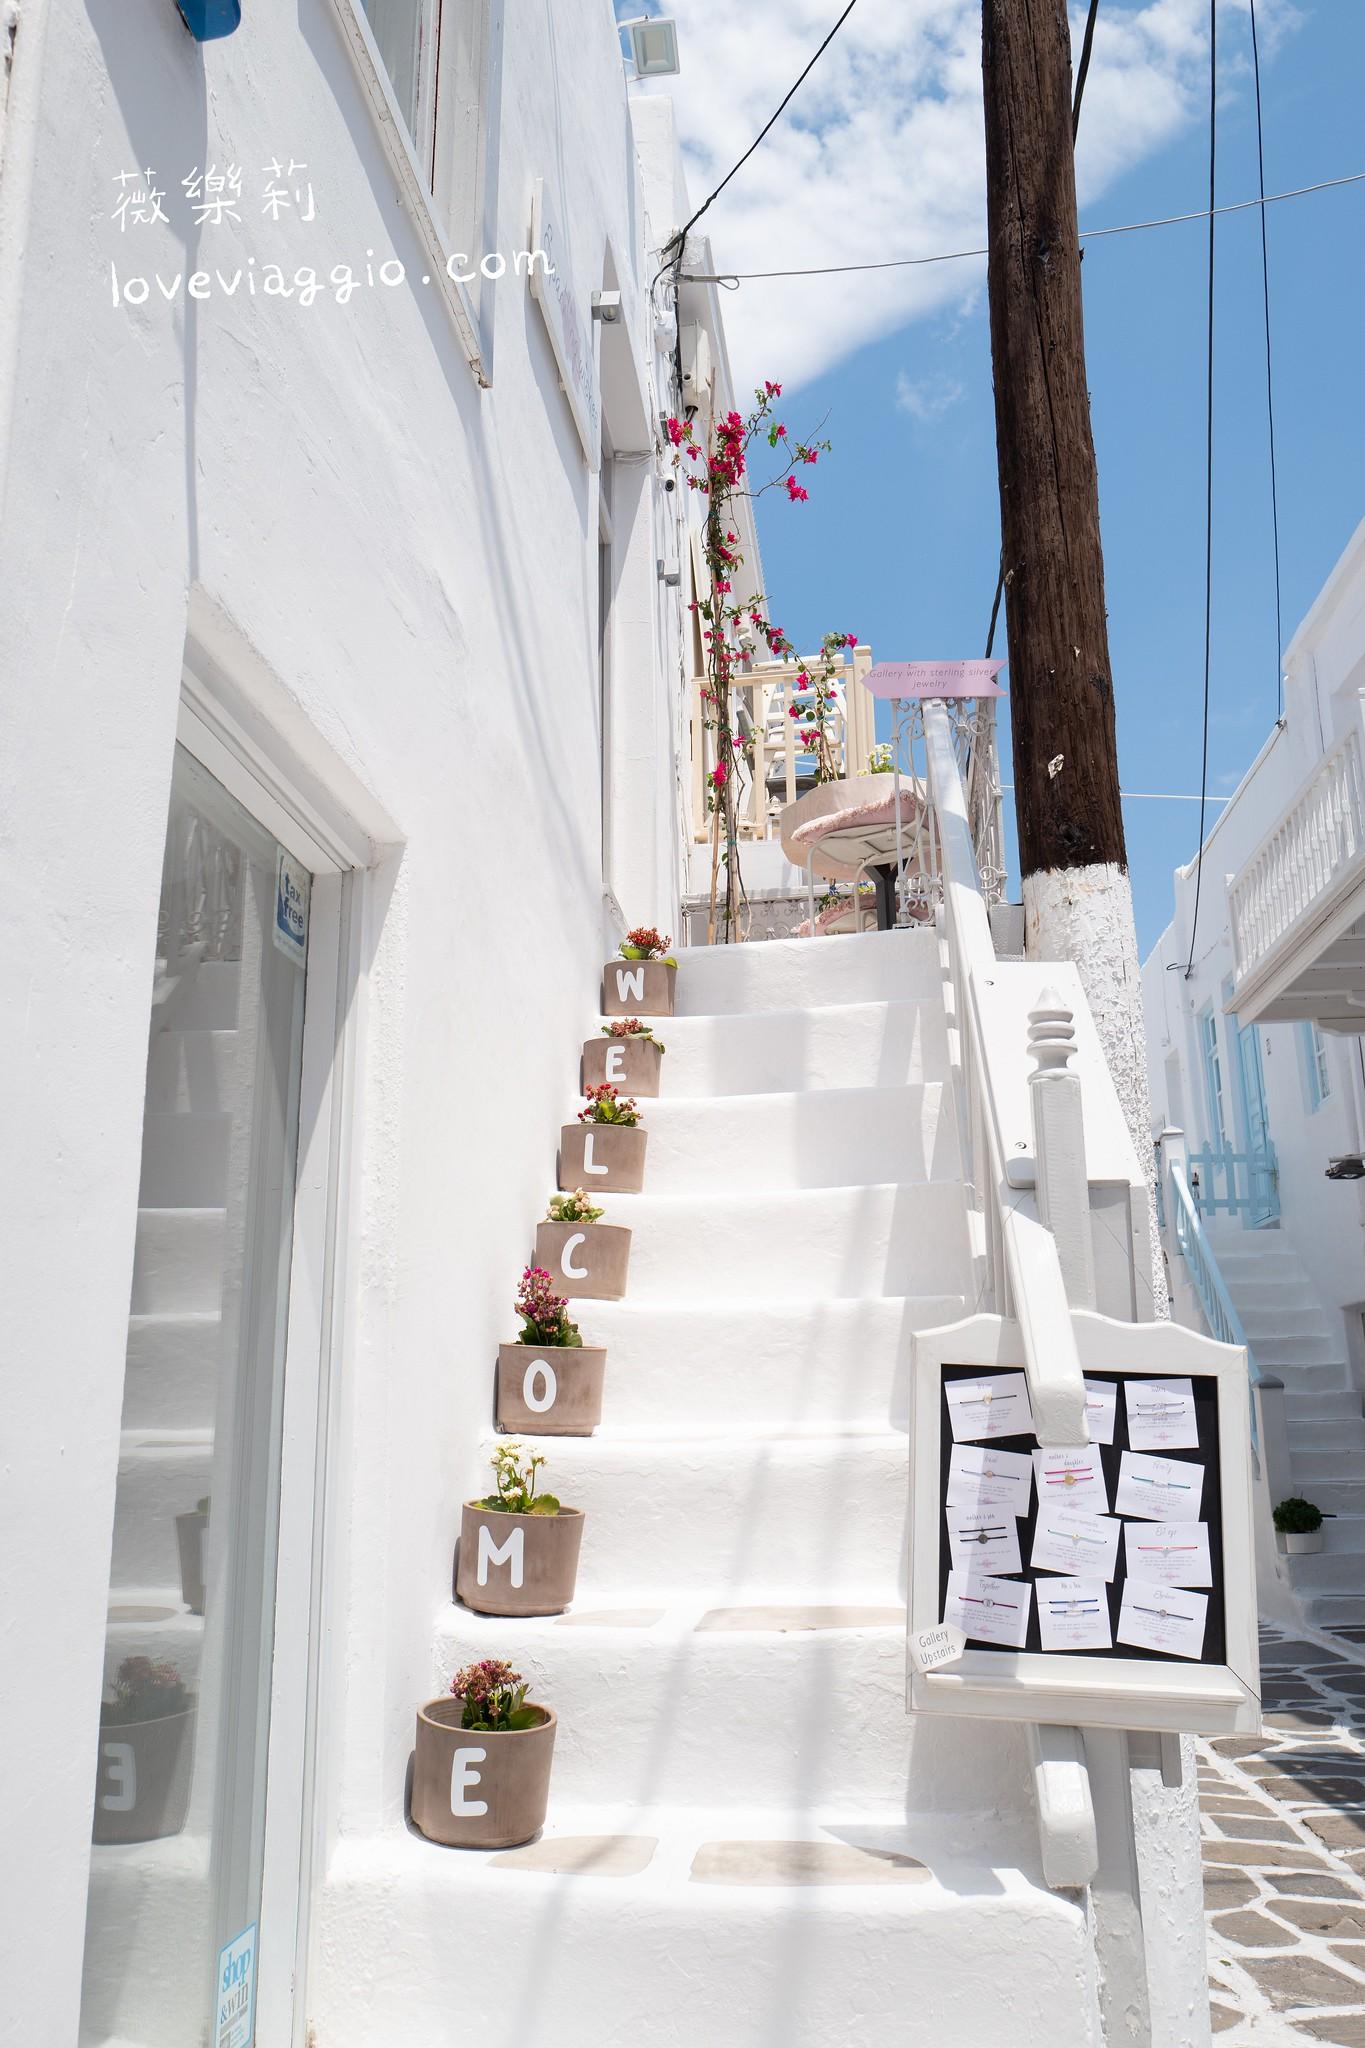 【希臘米克諾斯Mykonos】恣意迷路在純白石徑小路 色彩繽紛愛琴海小島 @薇樂莉 Love Viaggio | 旅行.生活.攝影